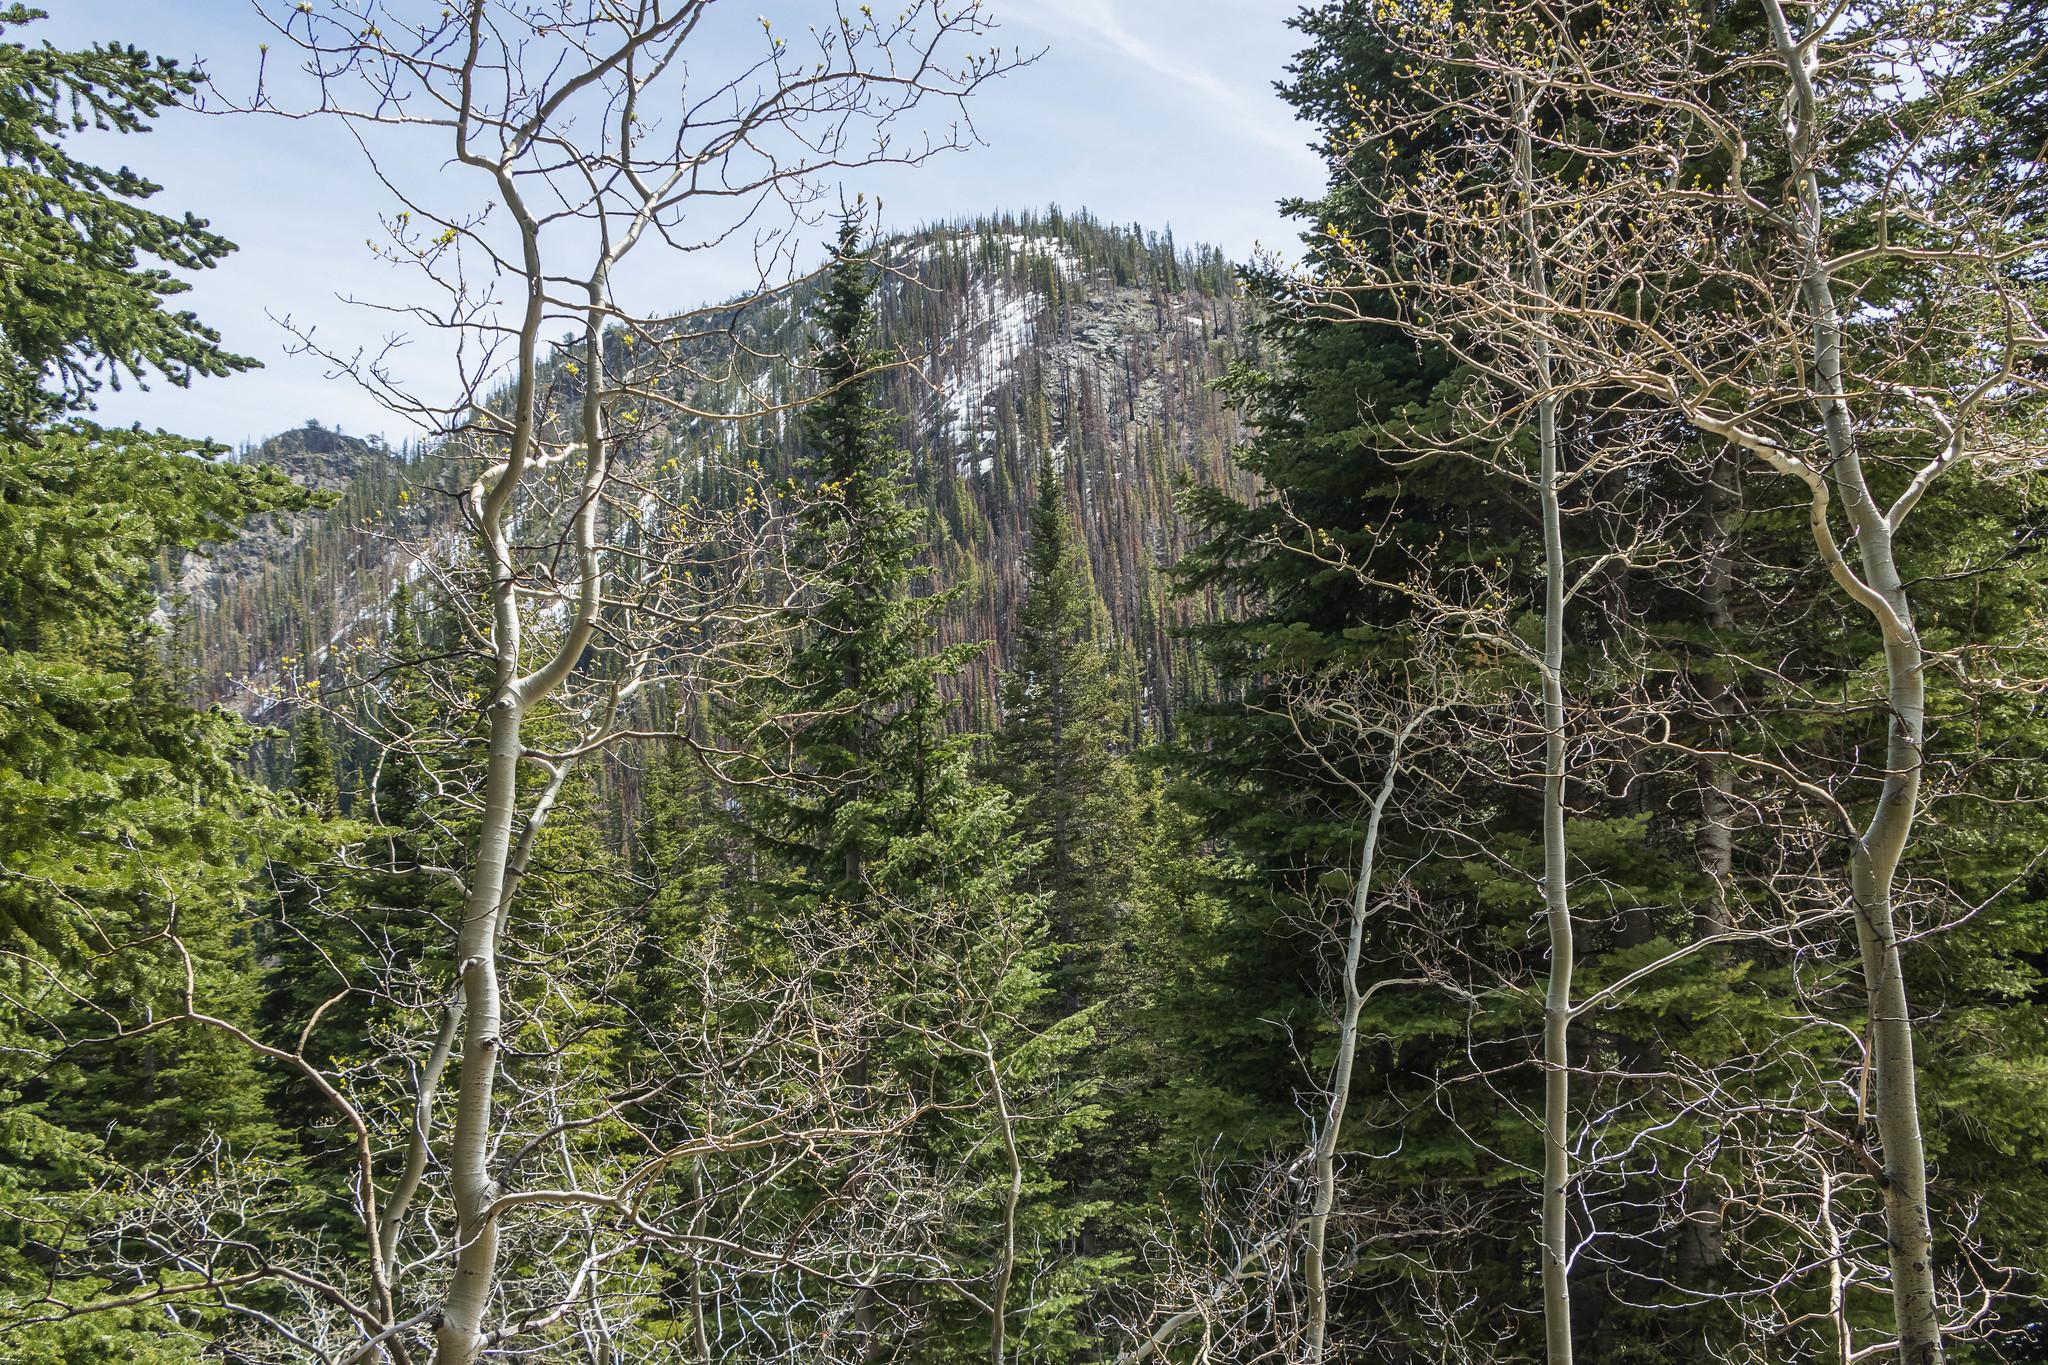 Duckhead Mountain